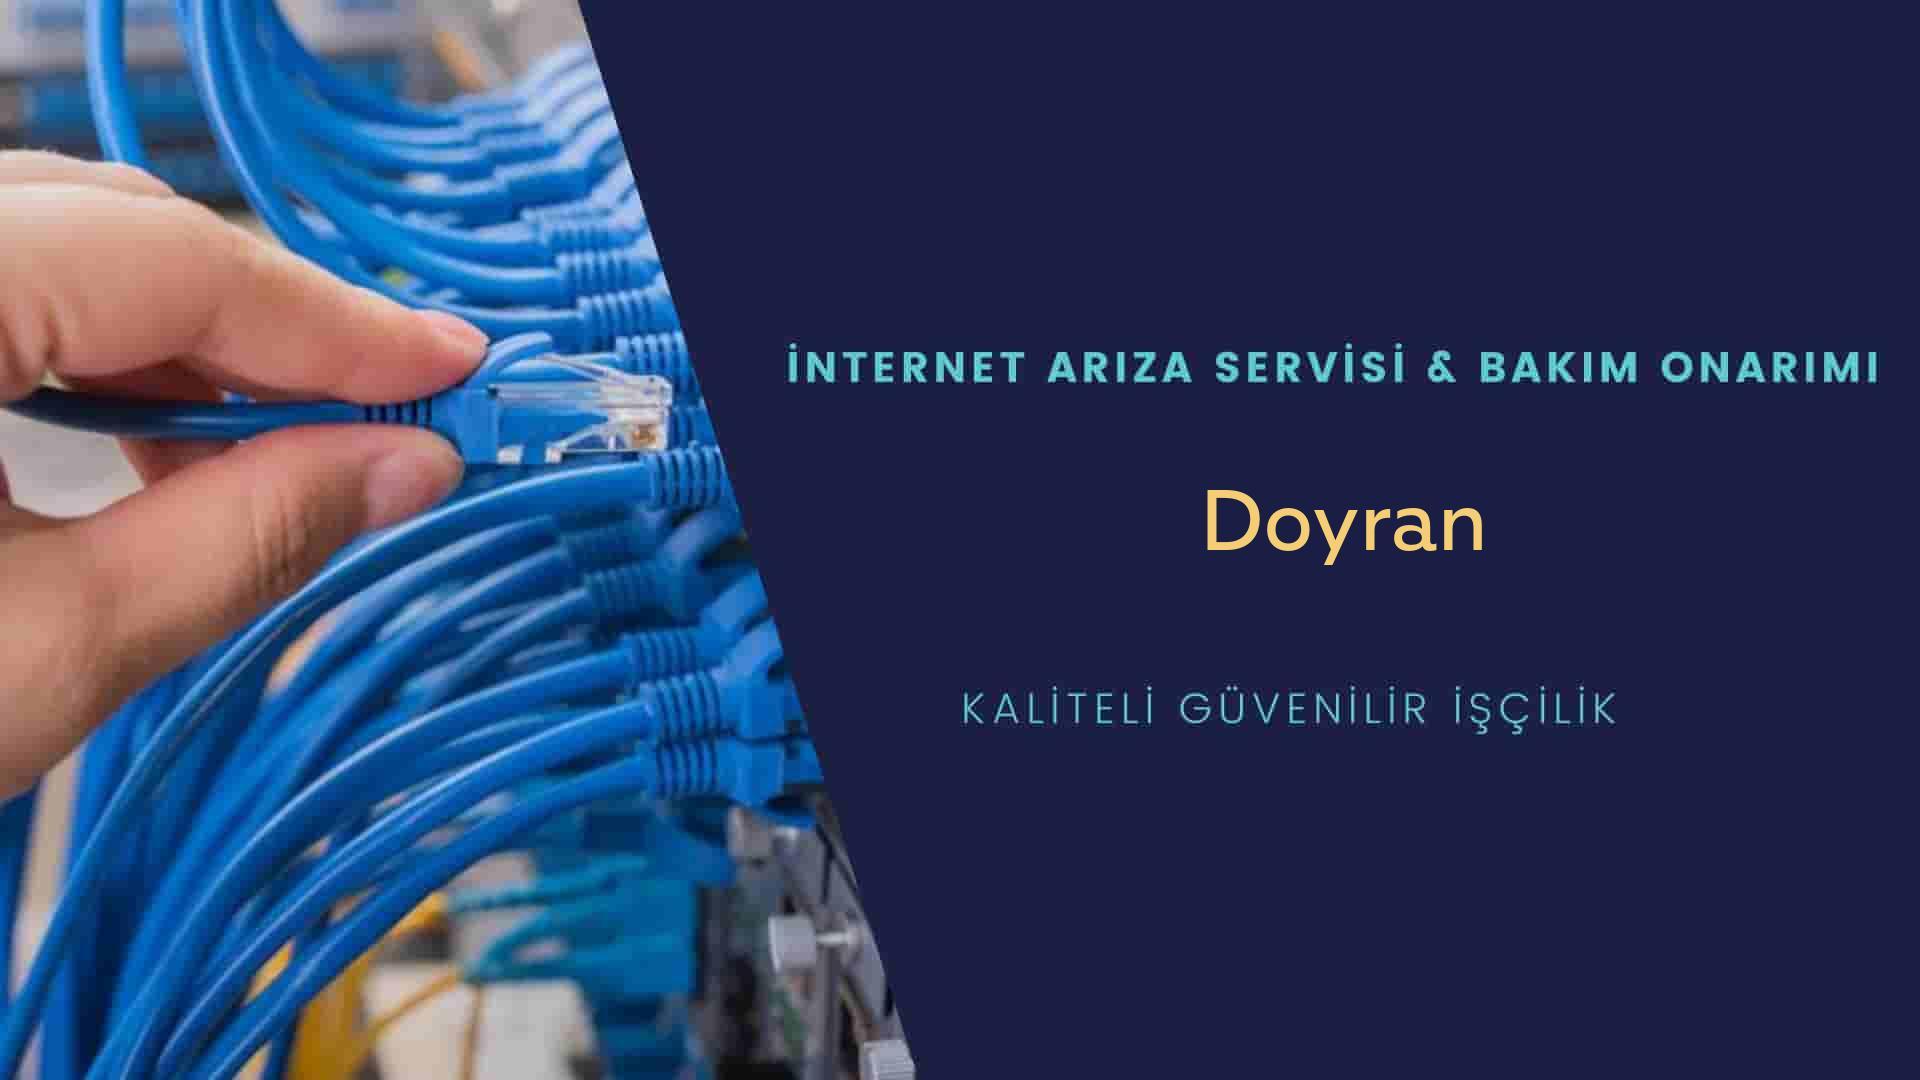 Doyran internet kablosu çekimi yapan yerler veya elektrikçiler mi? arıyorsunuz doğru yerdesiniz o zaman sizlere 7/24 yardımcı olacak profesyonel ustalarımız bir telefon kadar yakındır size.